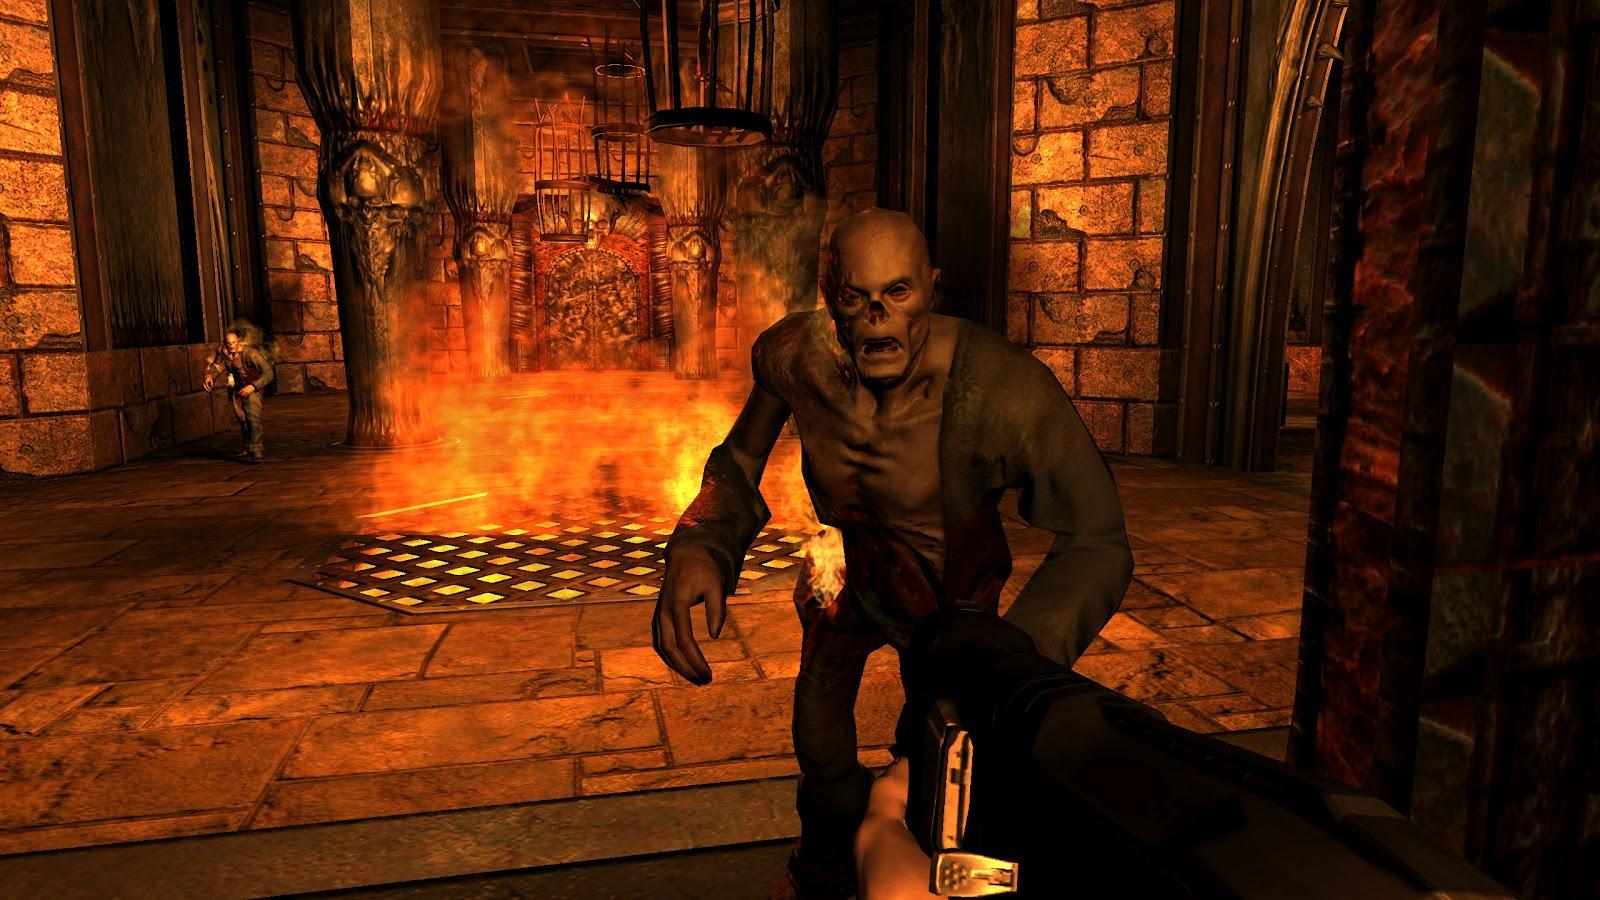 doom 3 bfg edition 06082012d Doom 3 BFG Edition REPACK DUPLEX [ PS3 ]